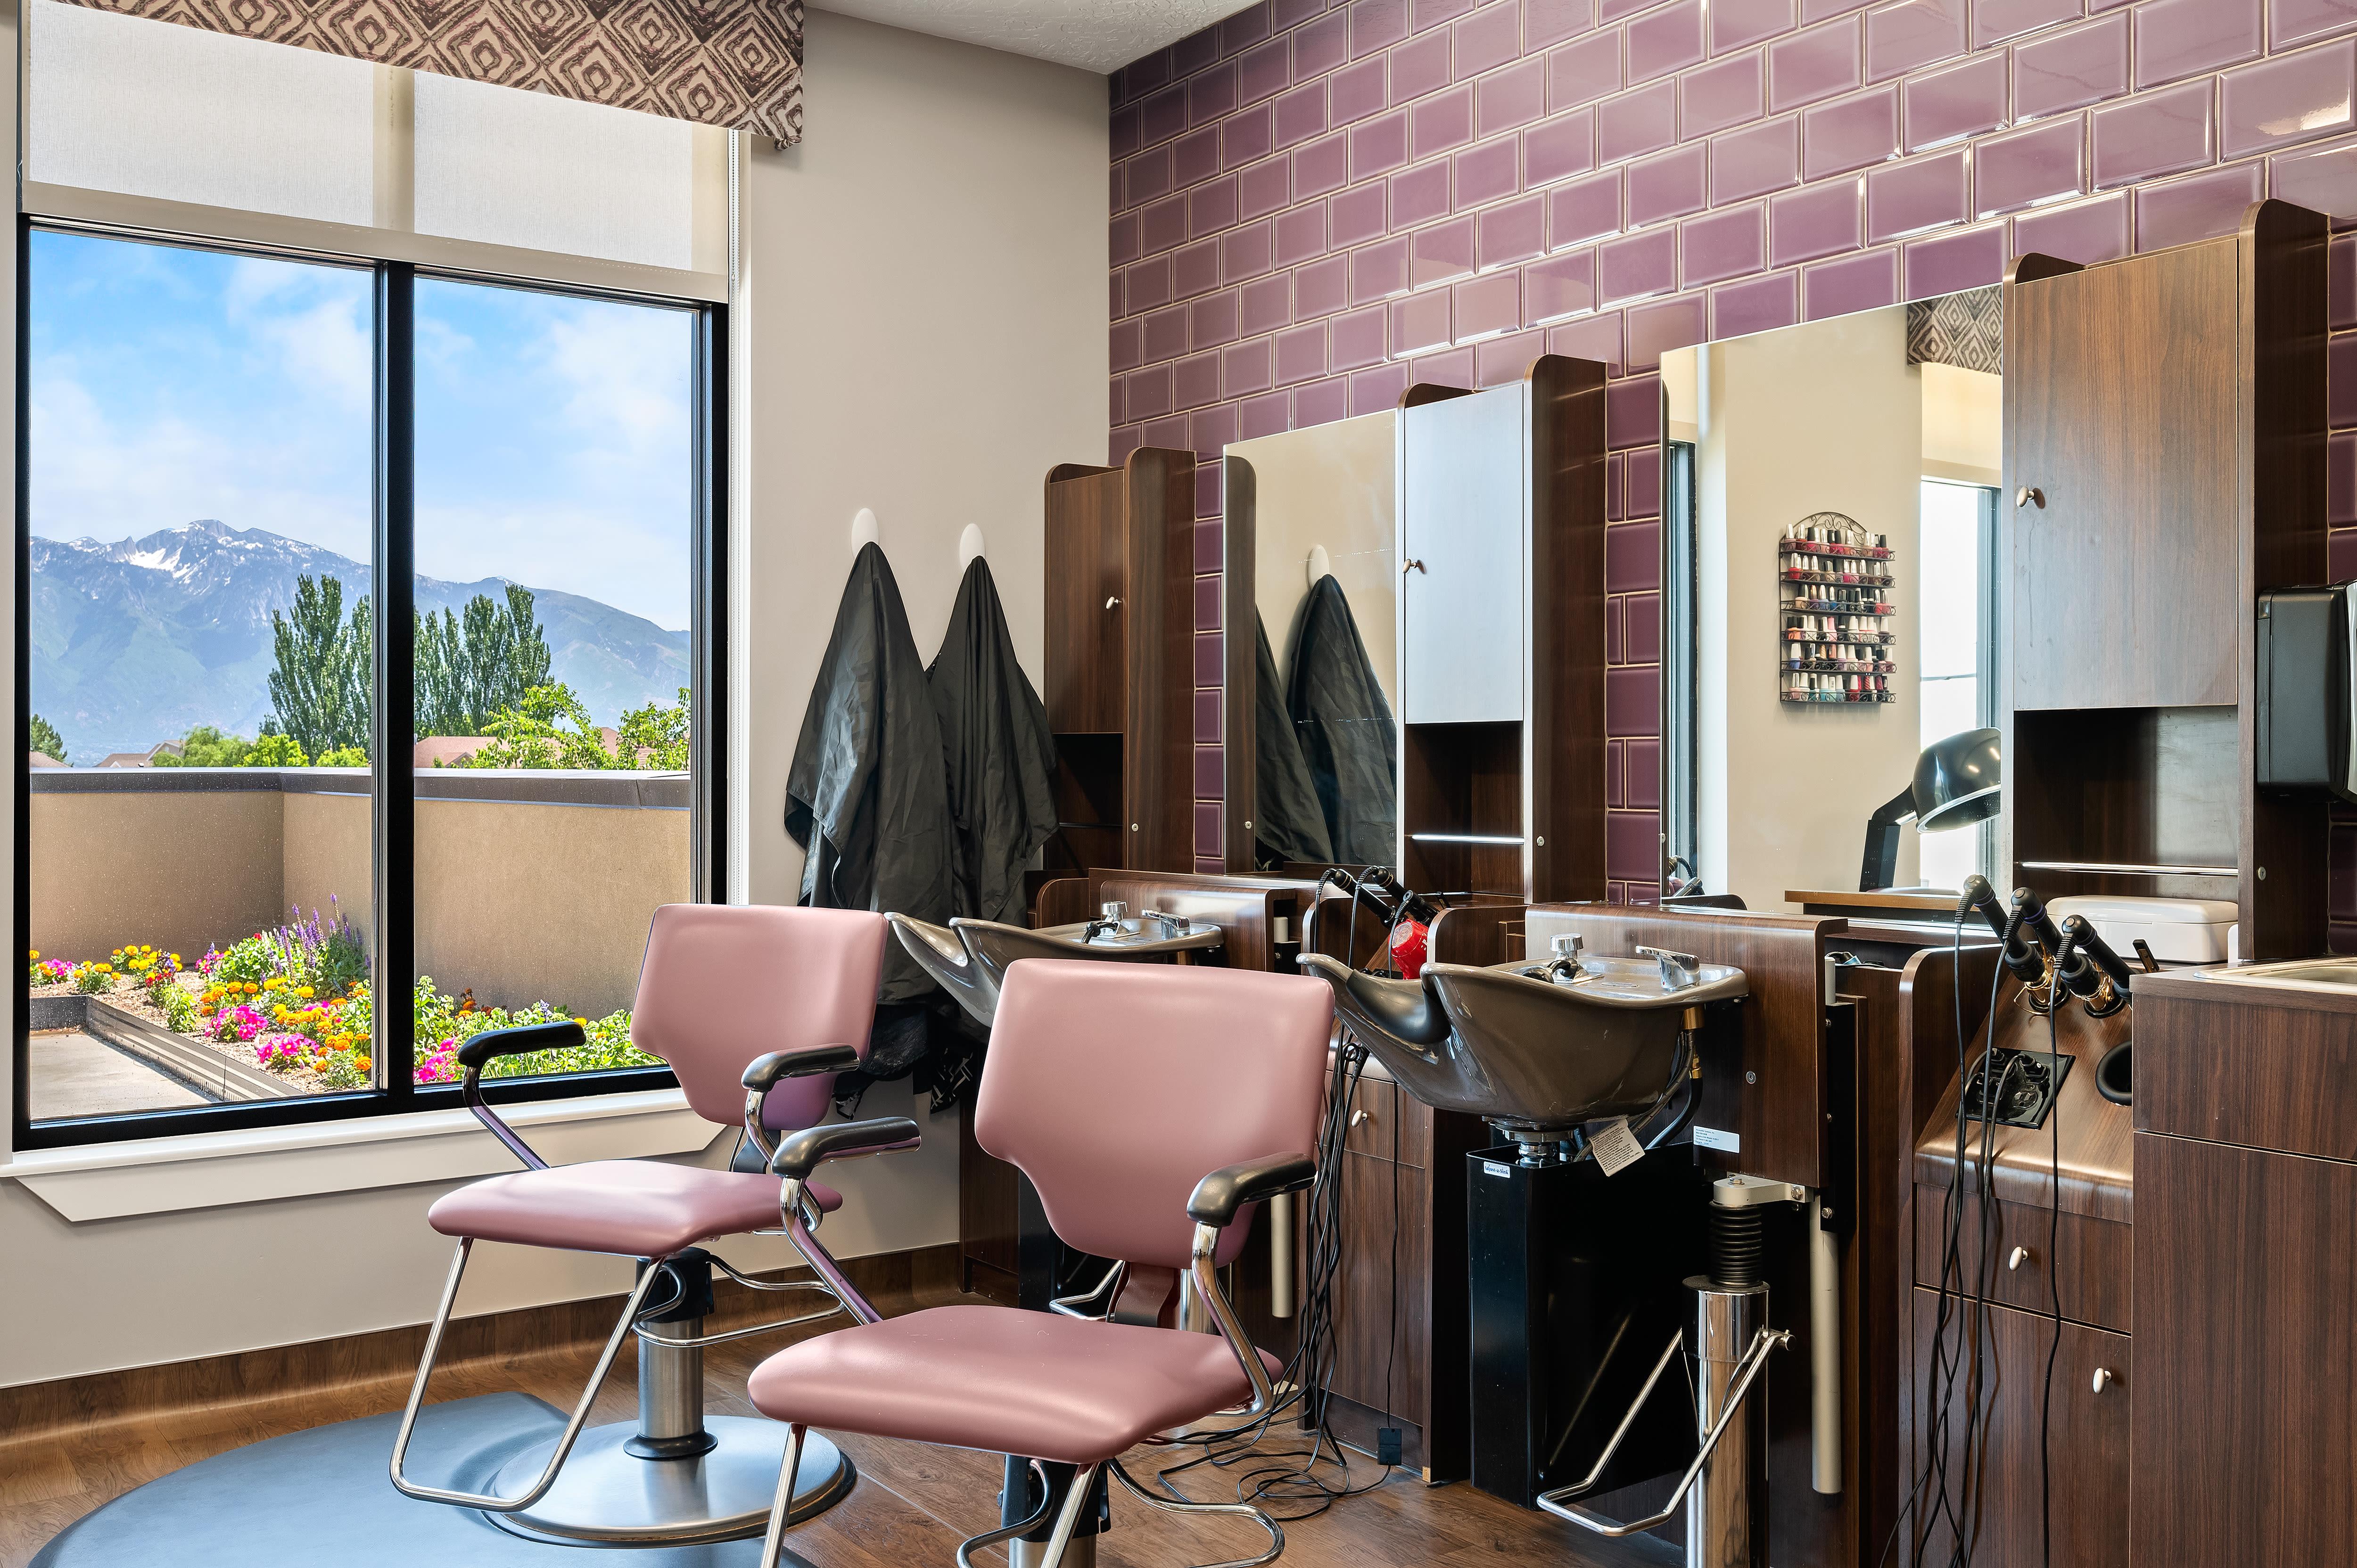 Salon/Barbershop at Anthology of South Jordan in South Jordan, Utah